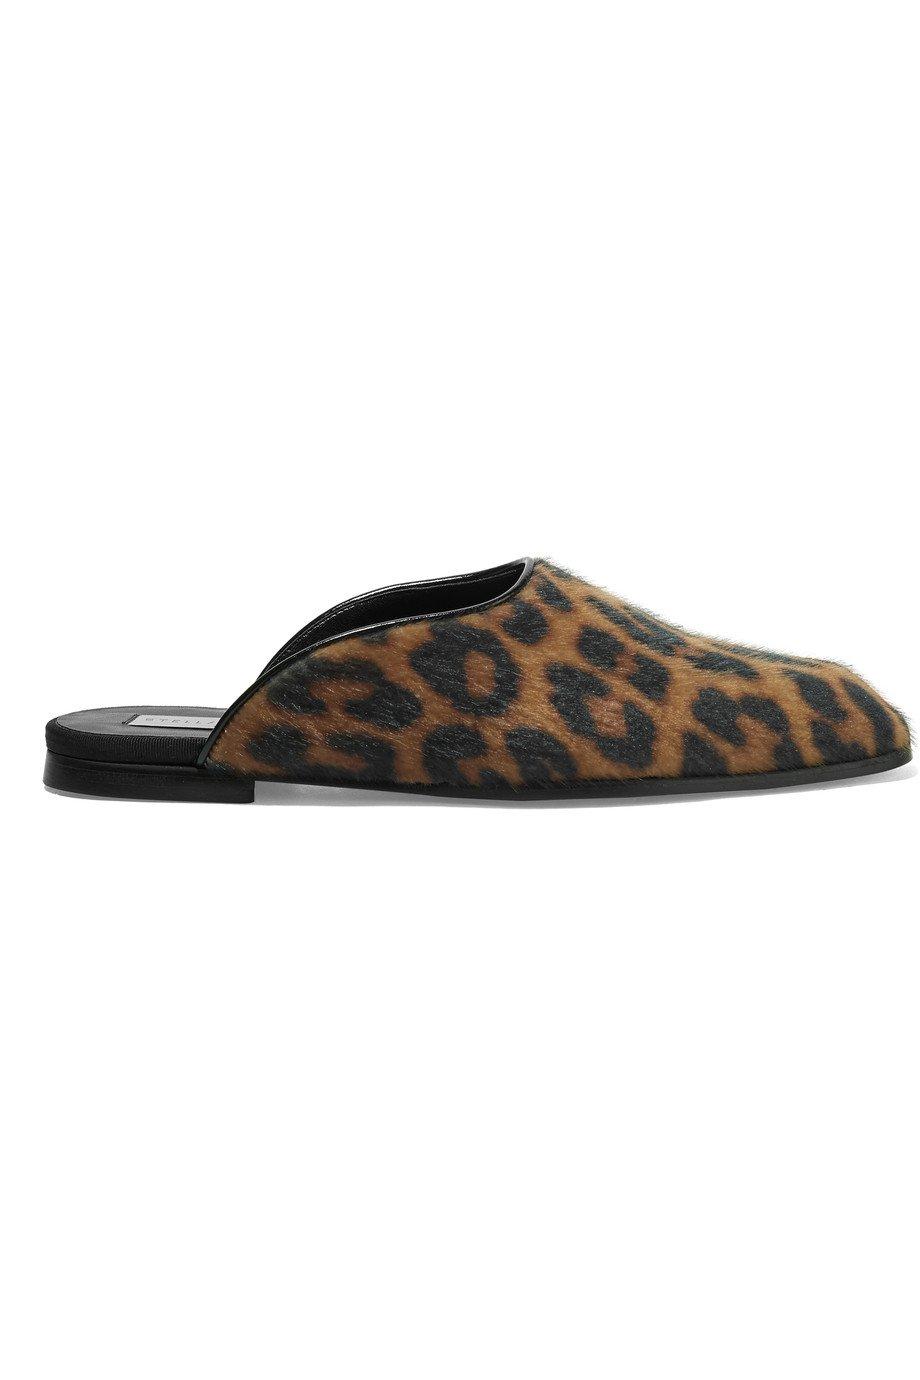 Stella McCartney Leopard Mules 38